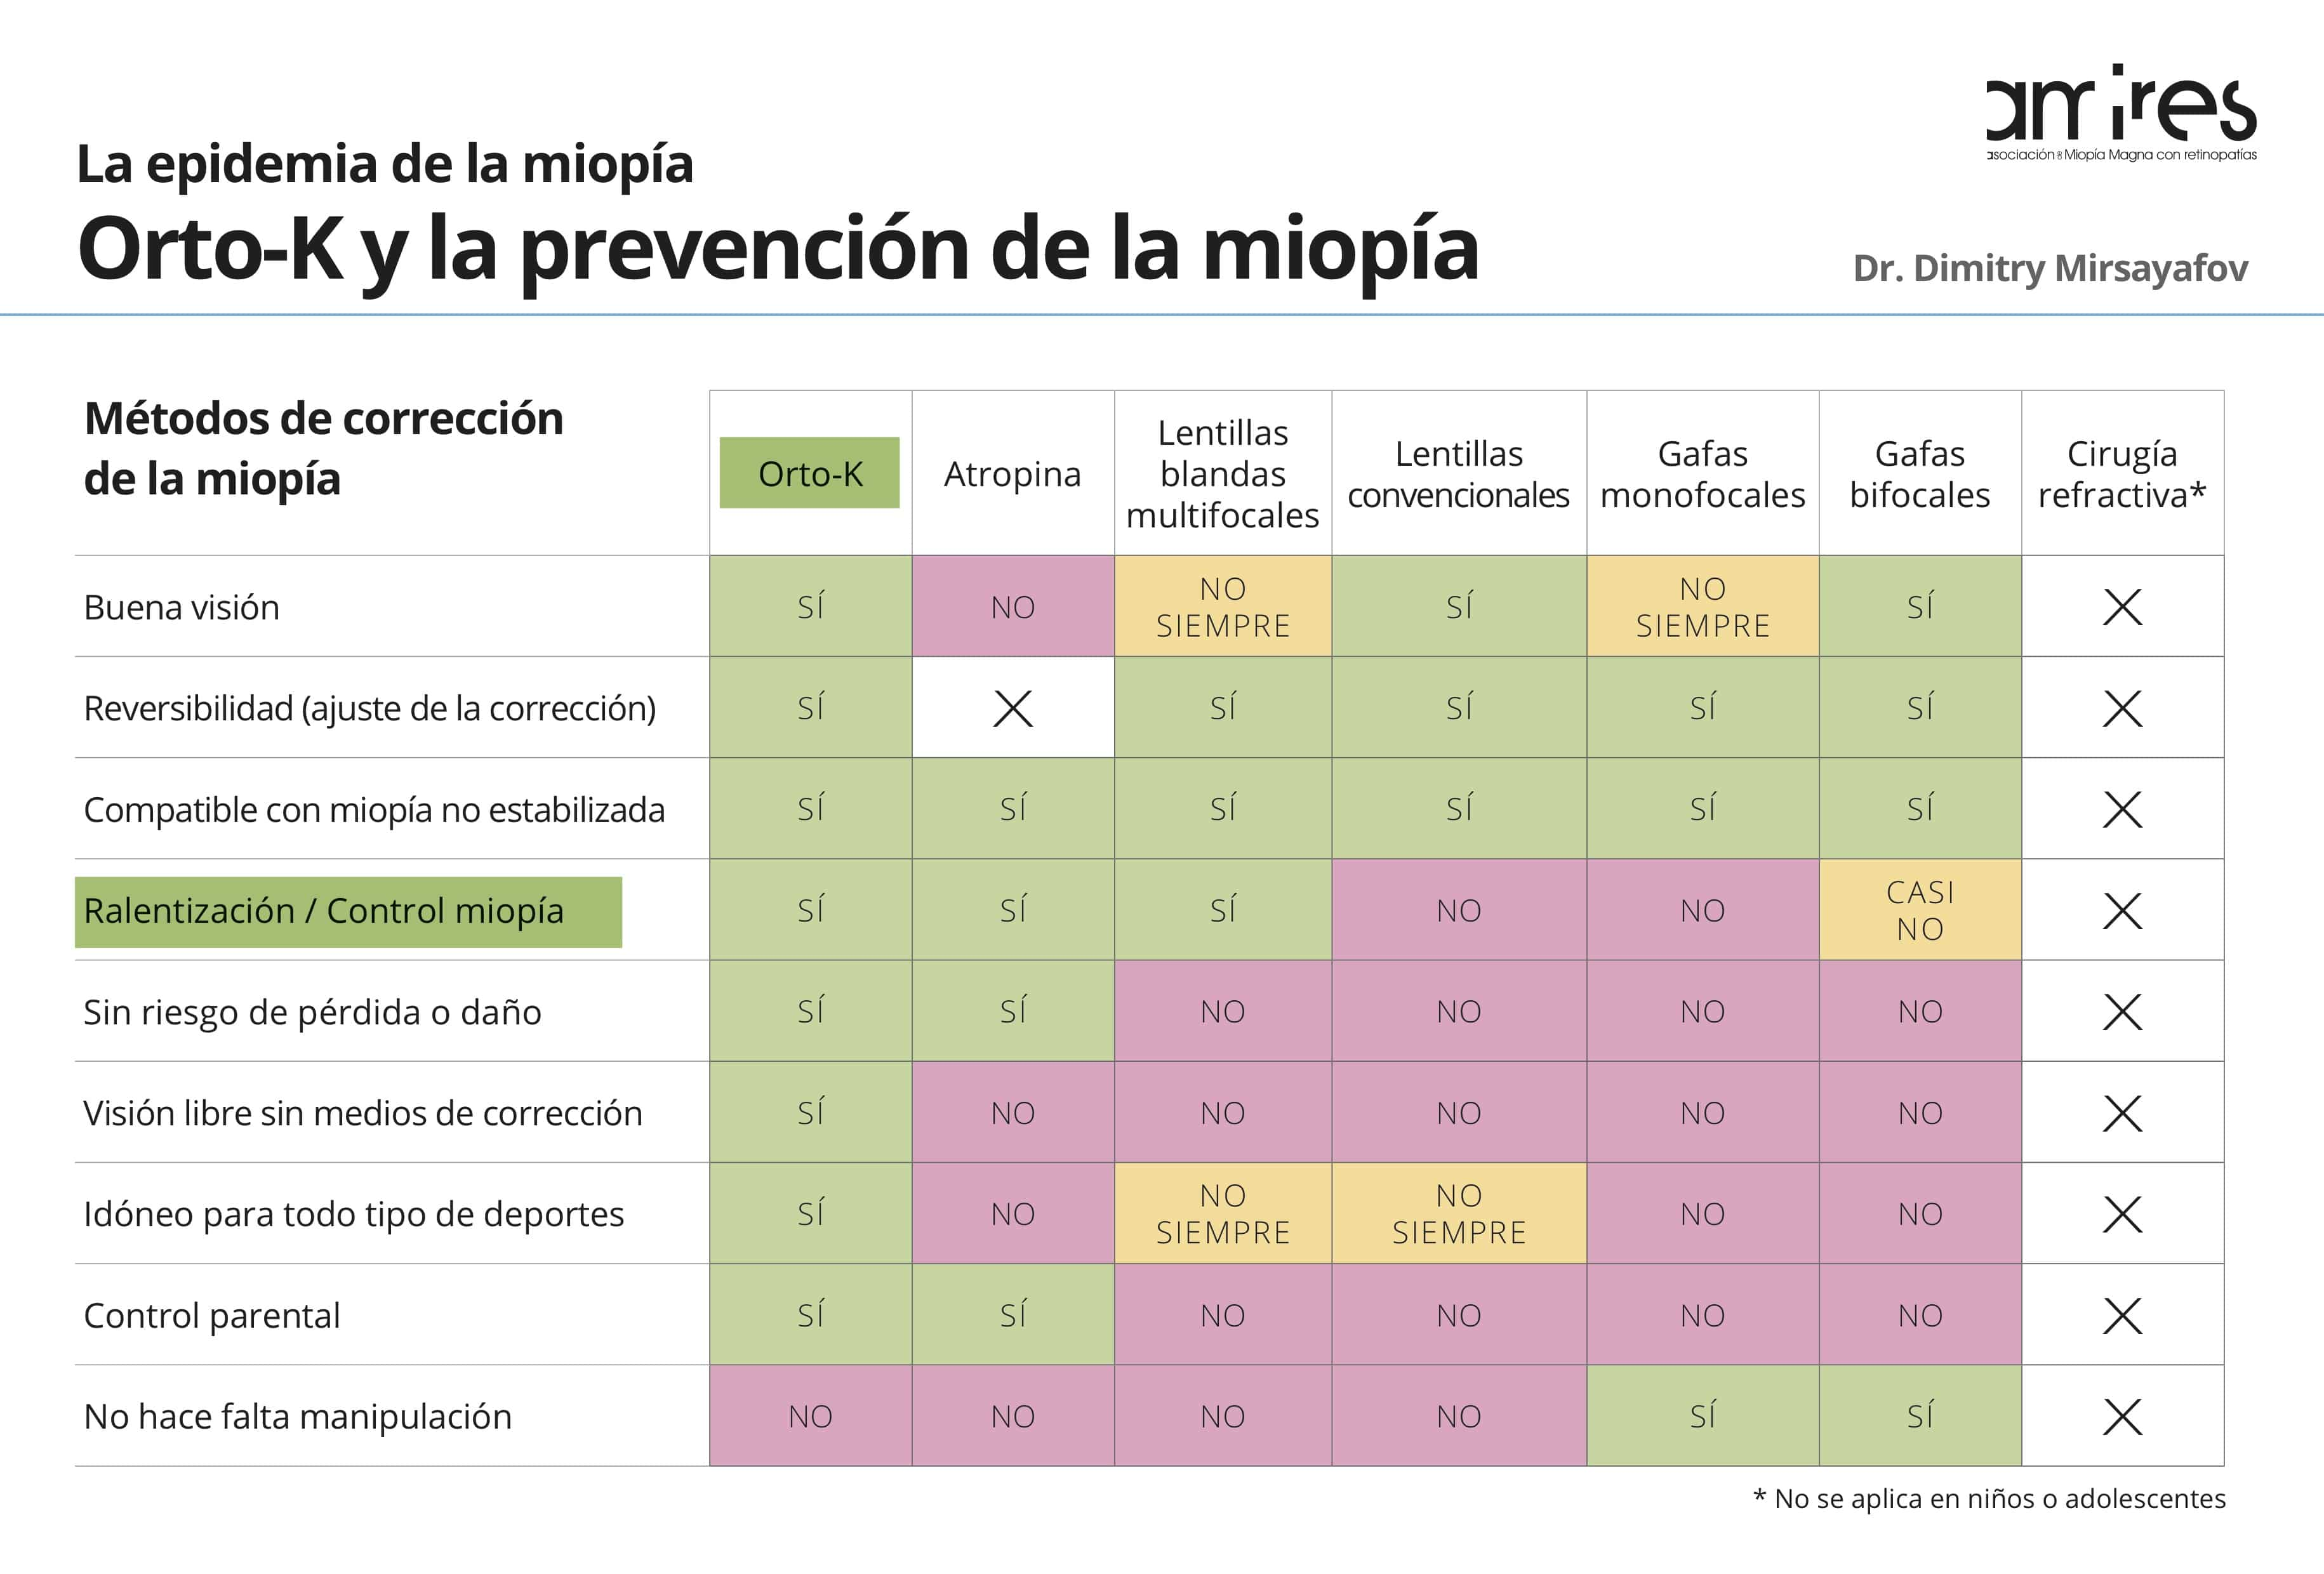 Cuadro comparativo de metodos para el control de miopia